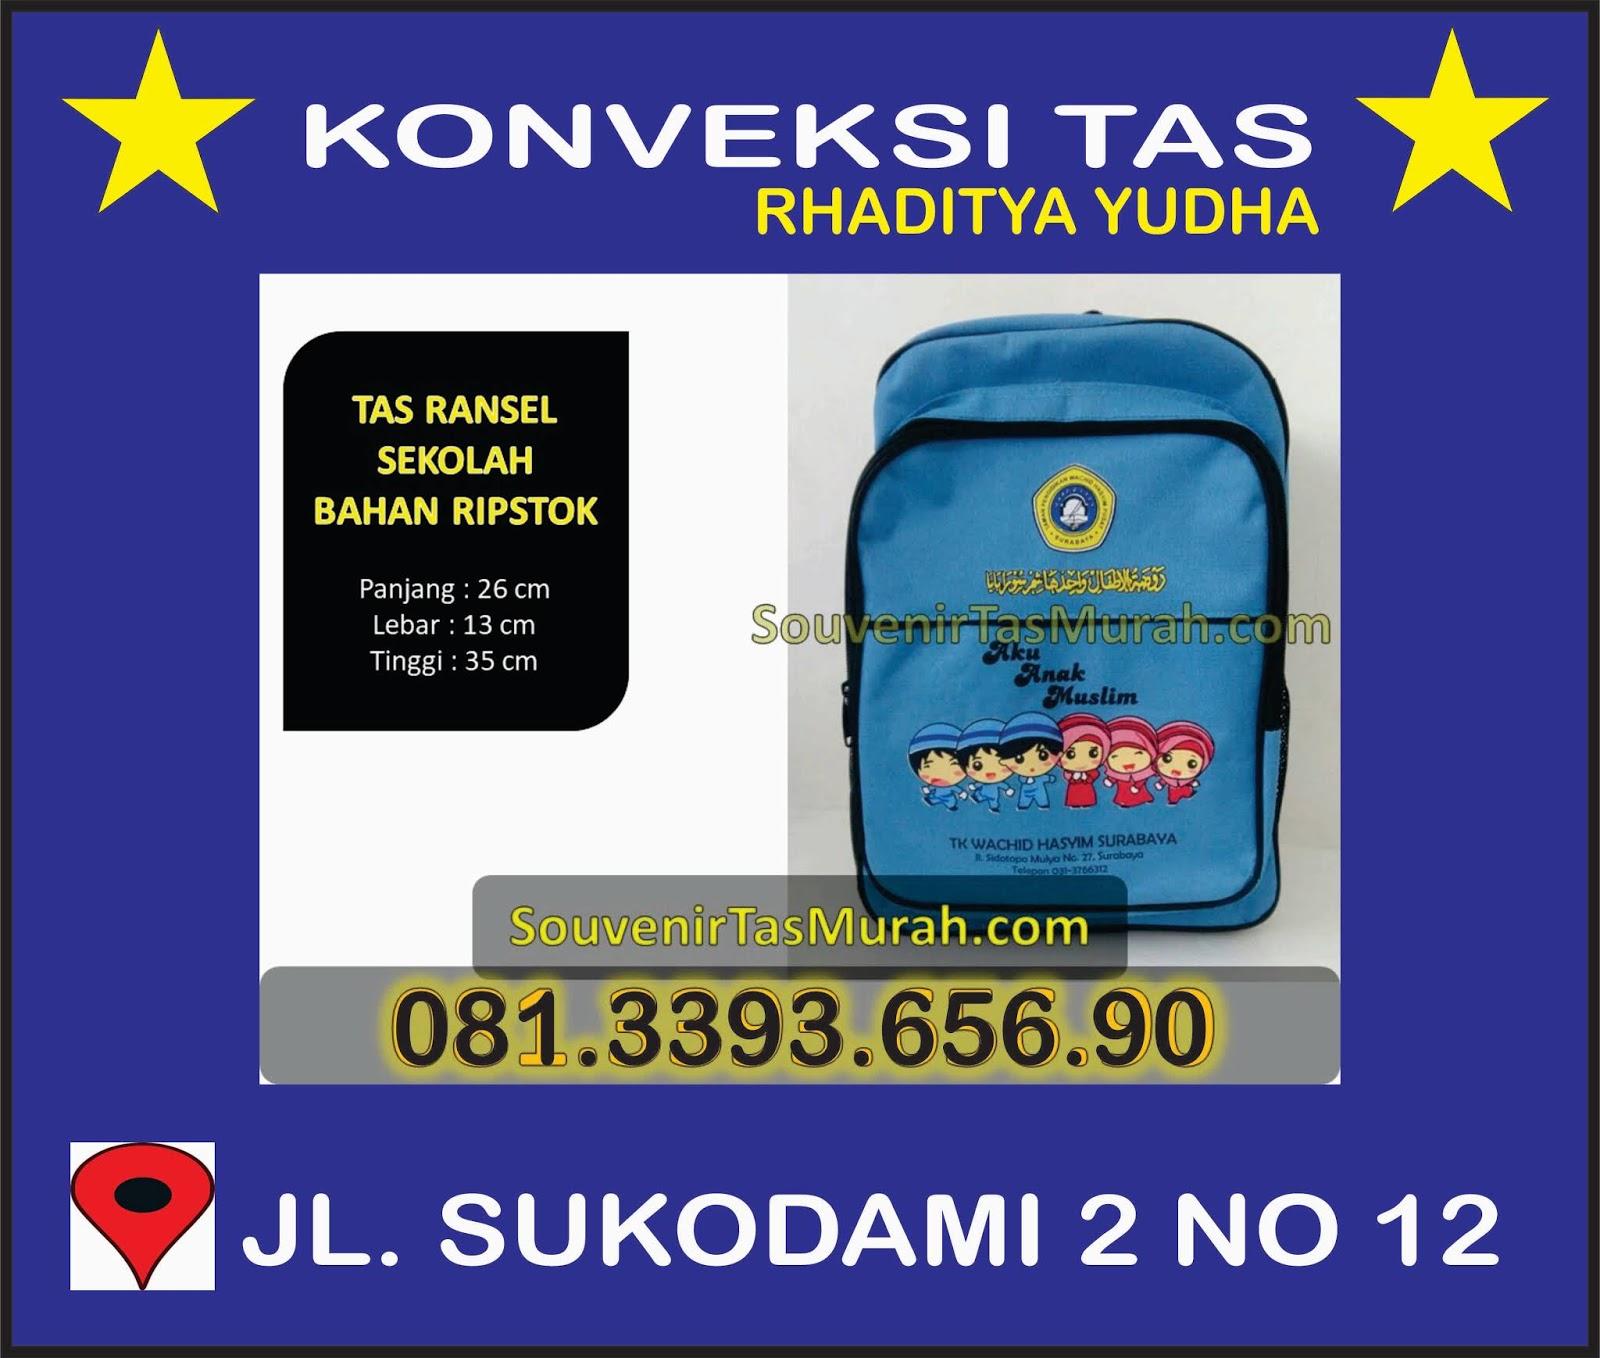 Kami Merupakan salah satu Utama konveksi tas murah Surabaya  yangBerkualitas. Kami melayani pemesanan grosir tas. Pusat Pembuatan tas  disurabaya Adalah ... 40f93a2705